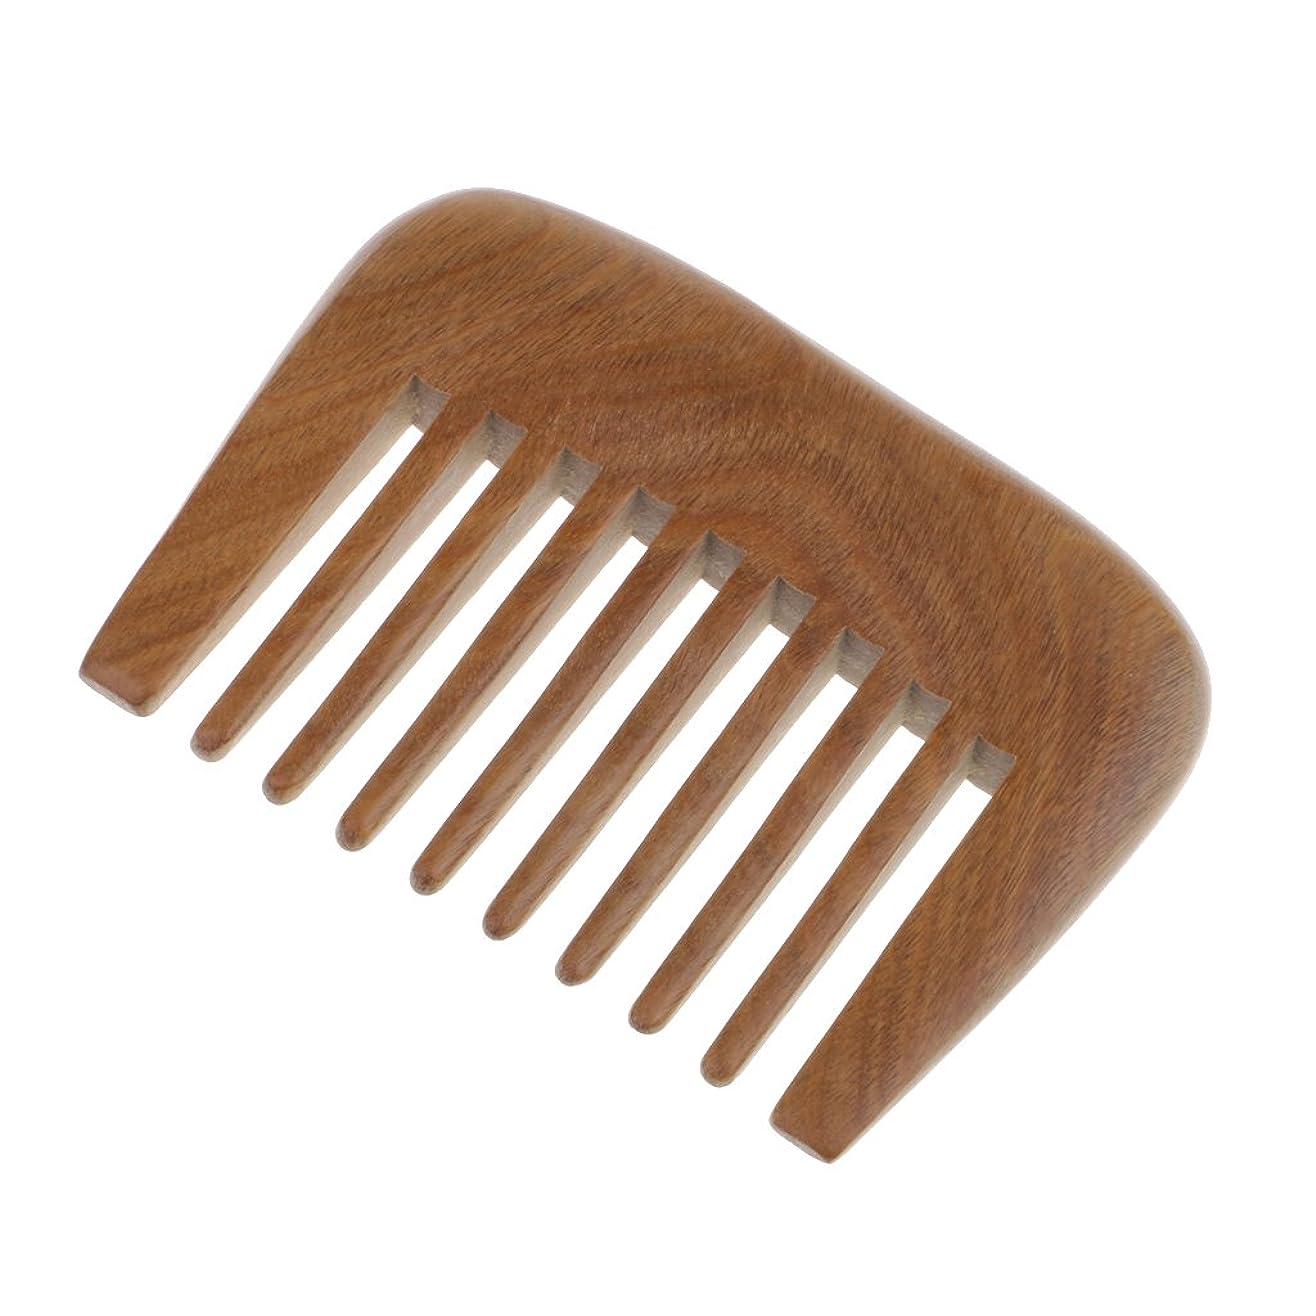 征服する応じるどちらかCUTICATE 天然木広い歯の櫛Detanglerブラシ帯電防止グリーンビャクダン